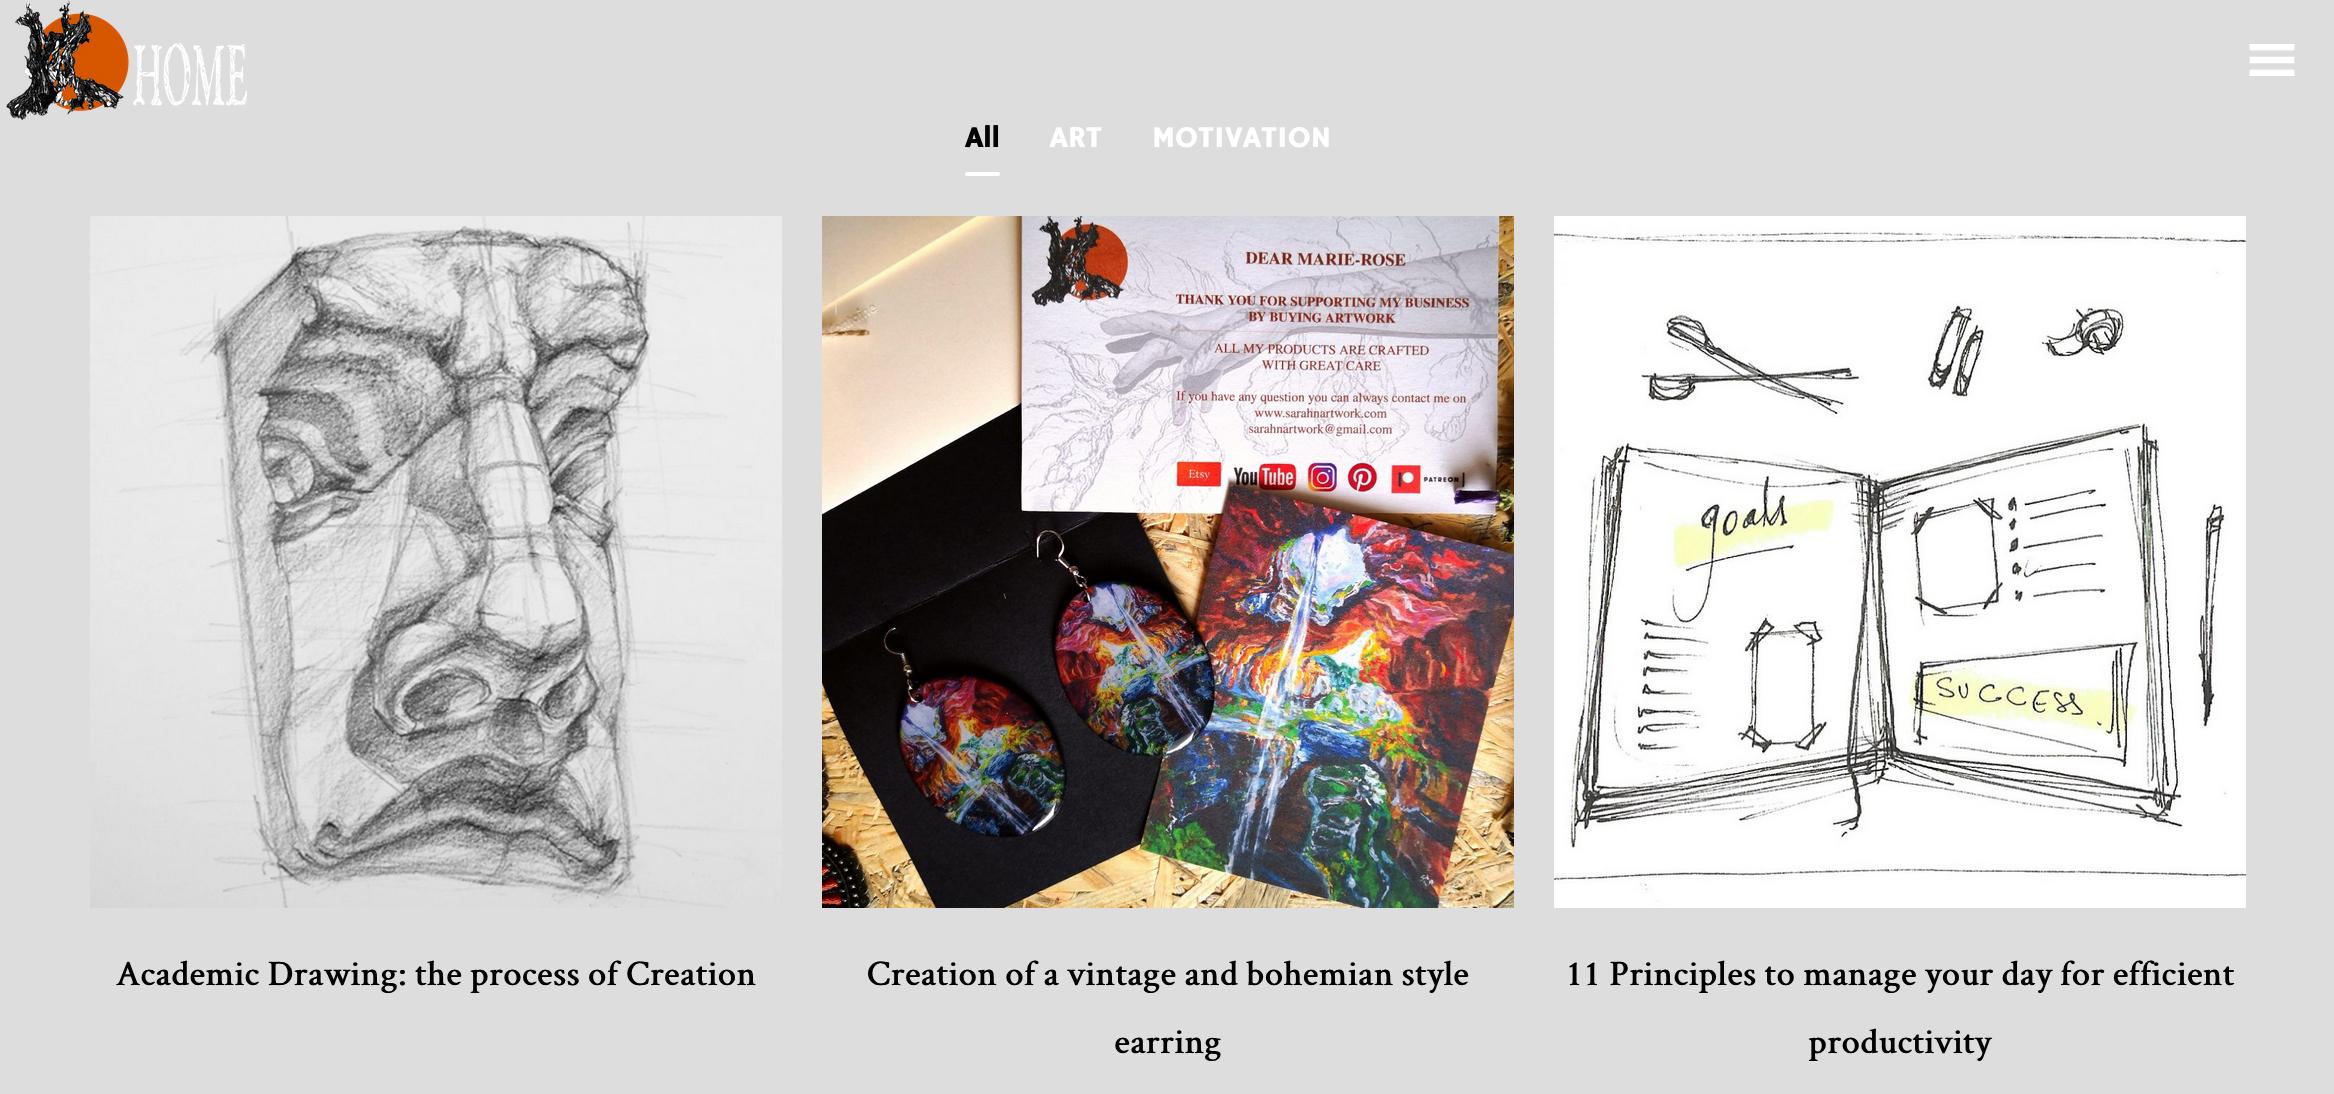 Blog Image on Website